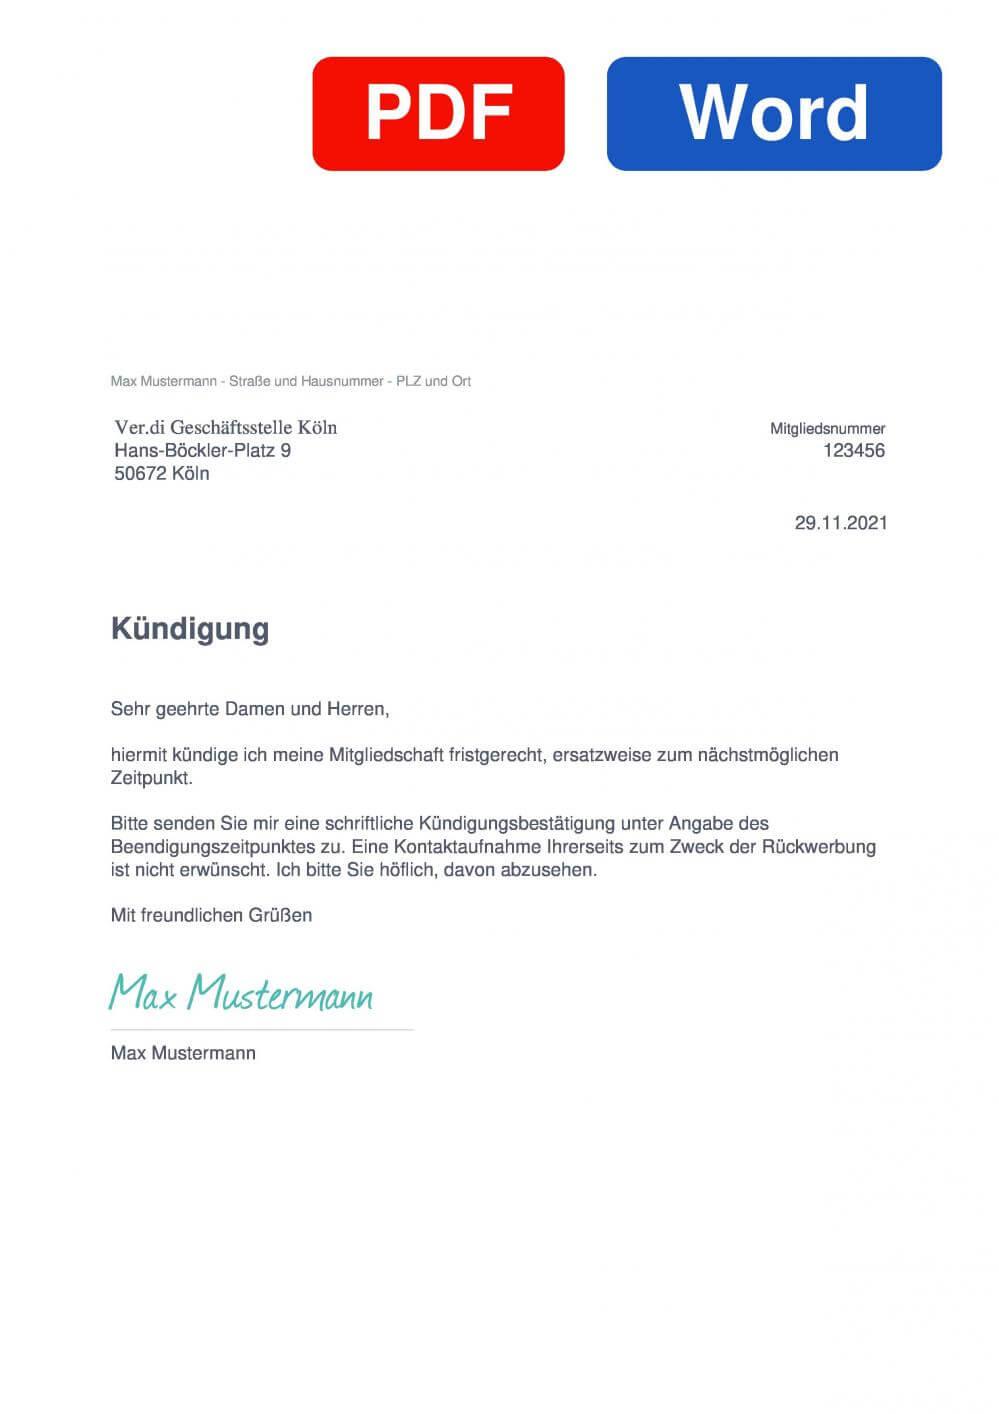 Verdi Köln Muster Vorlage für Kündigungsschreiben